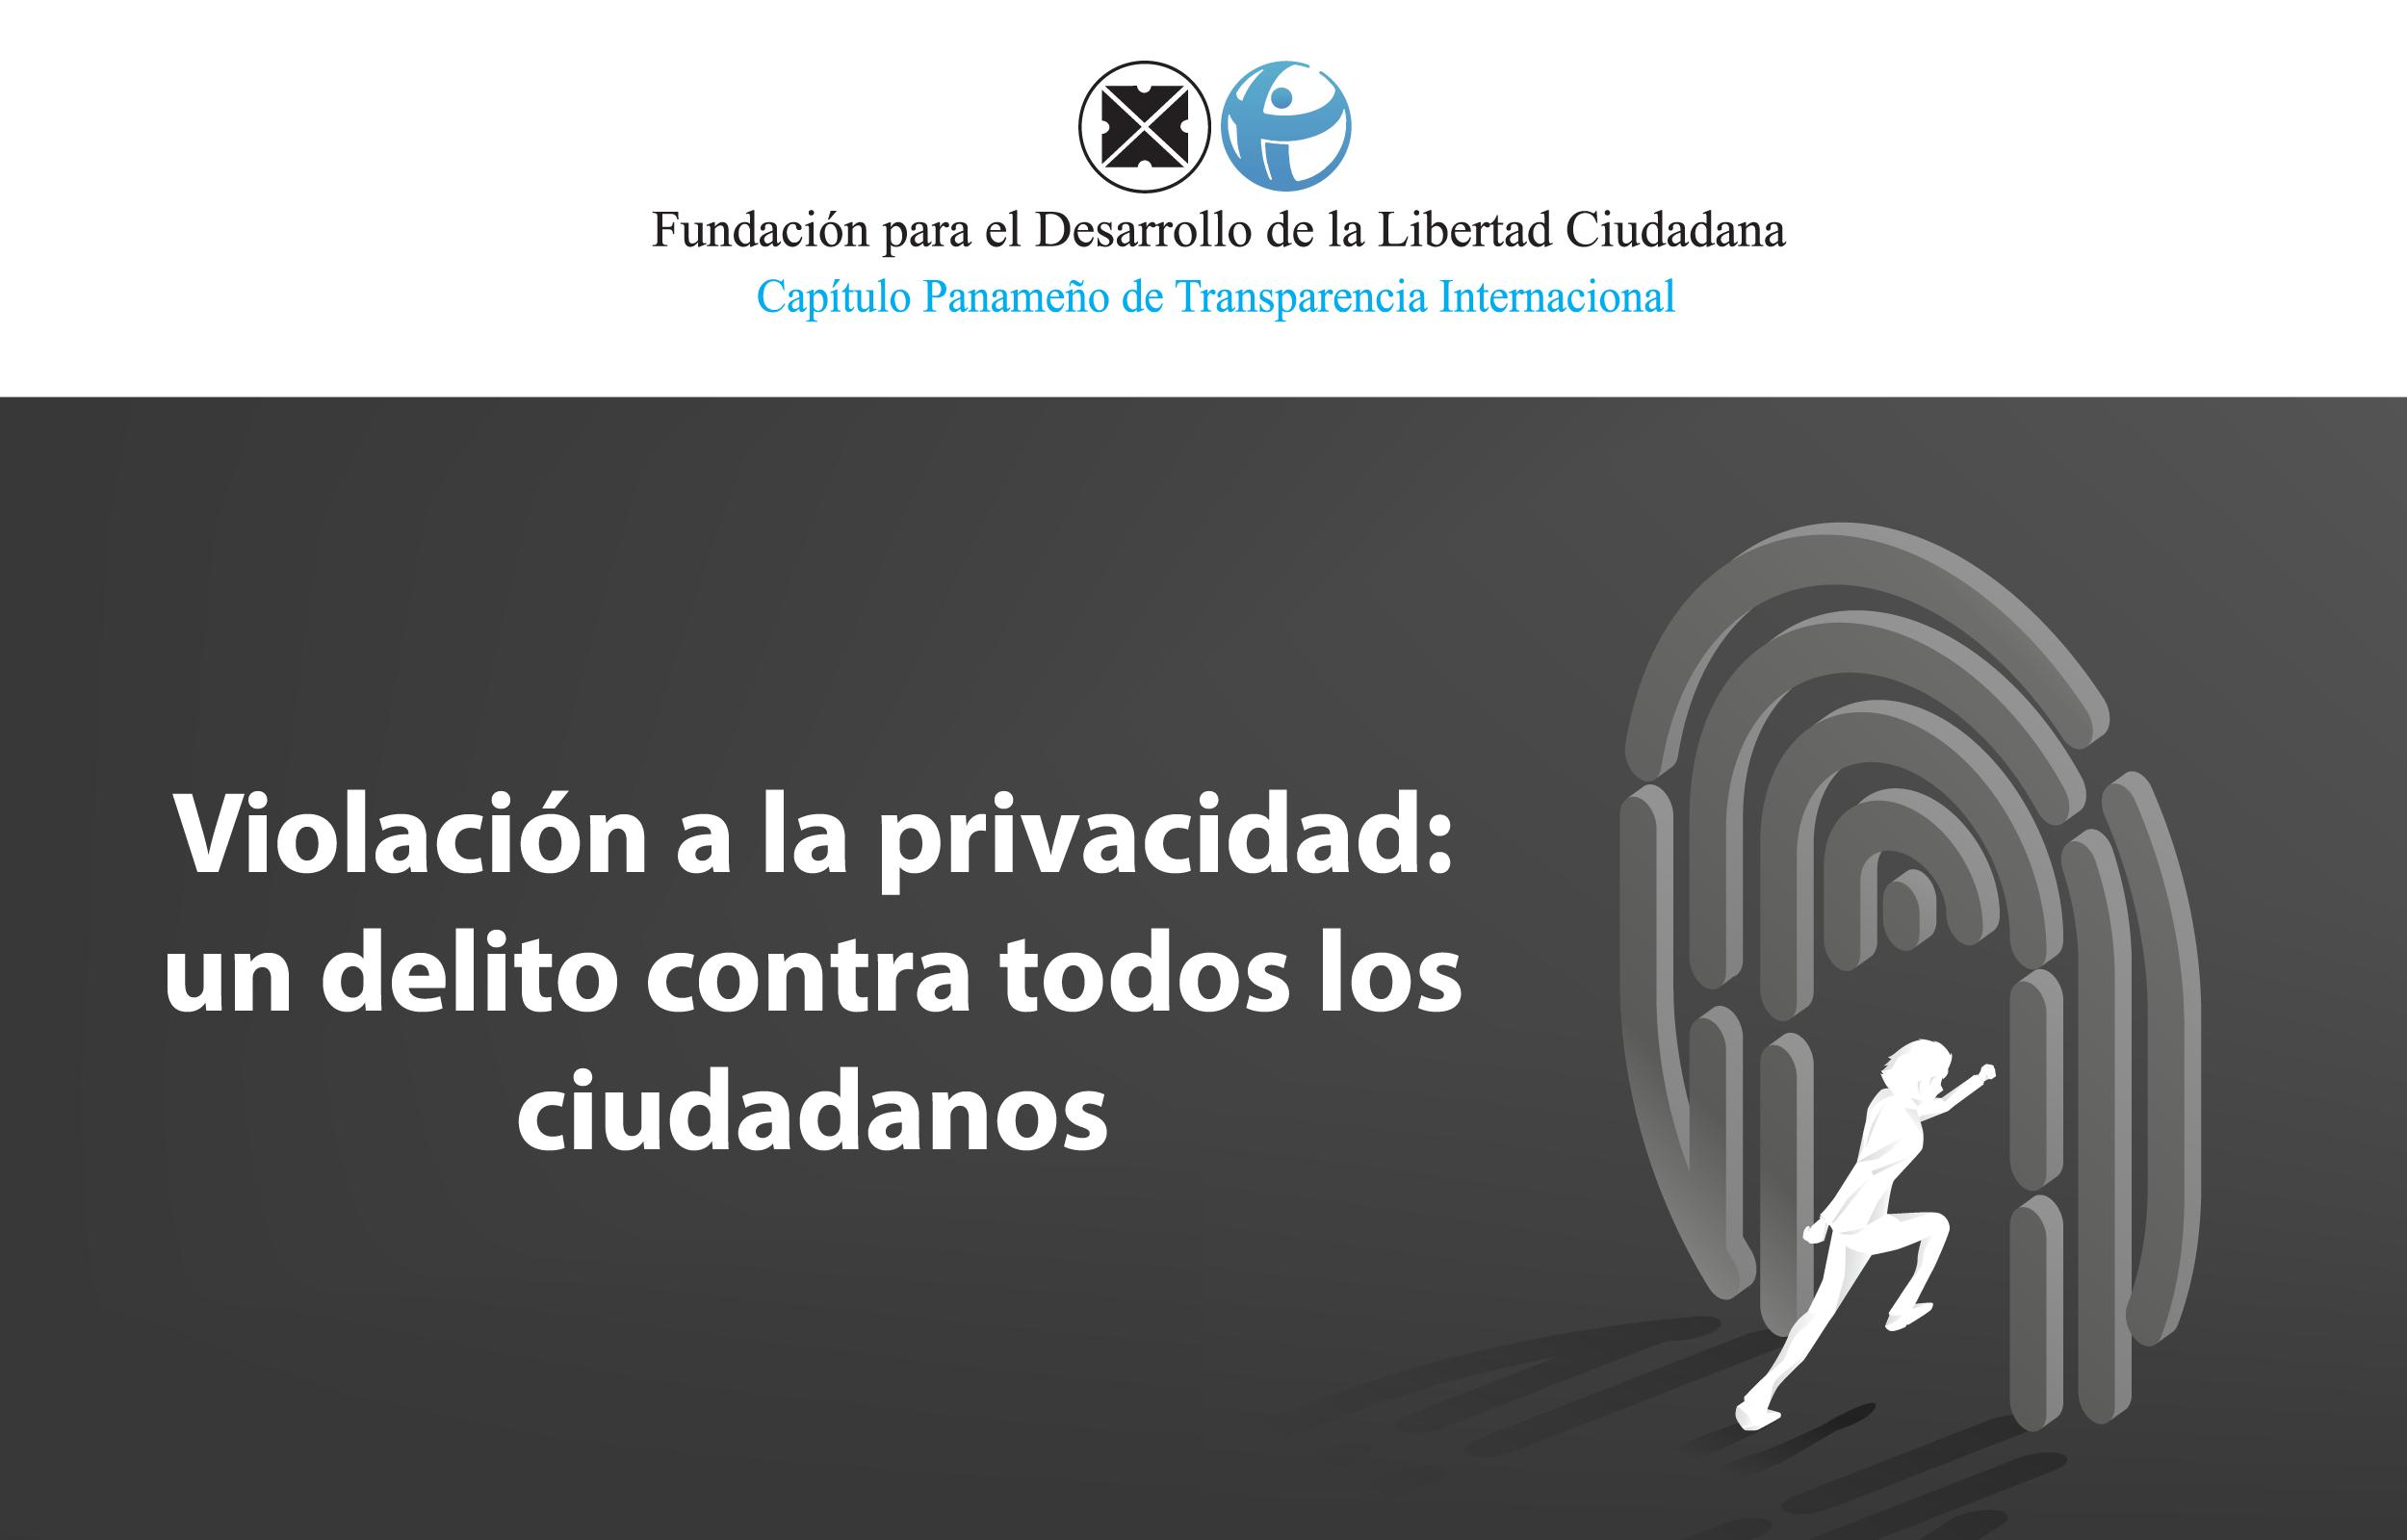 Violación a la privacidad: un delito contra todos los ciudadanos